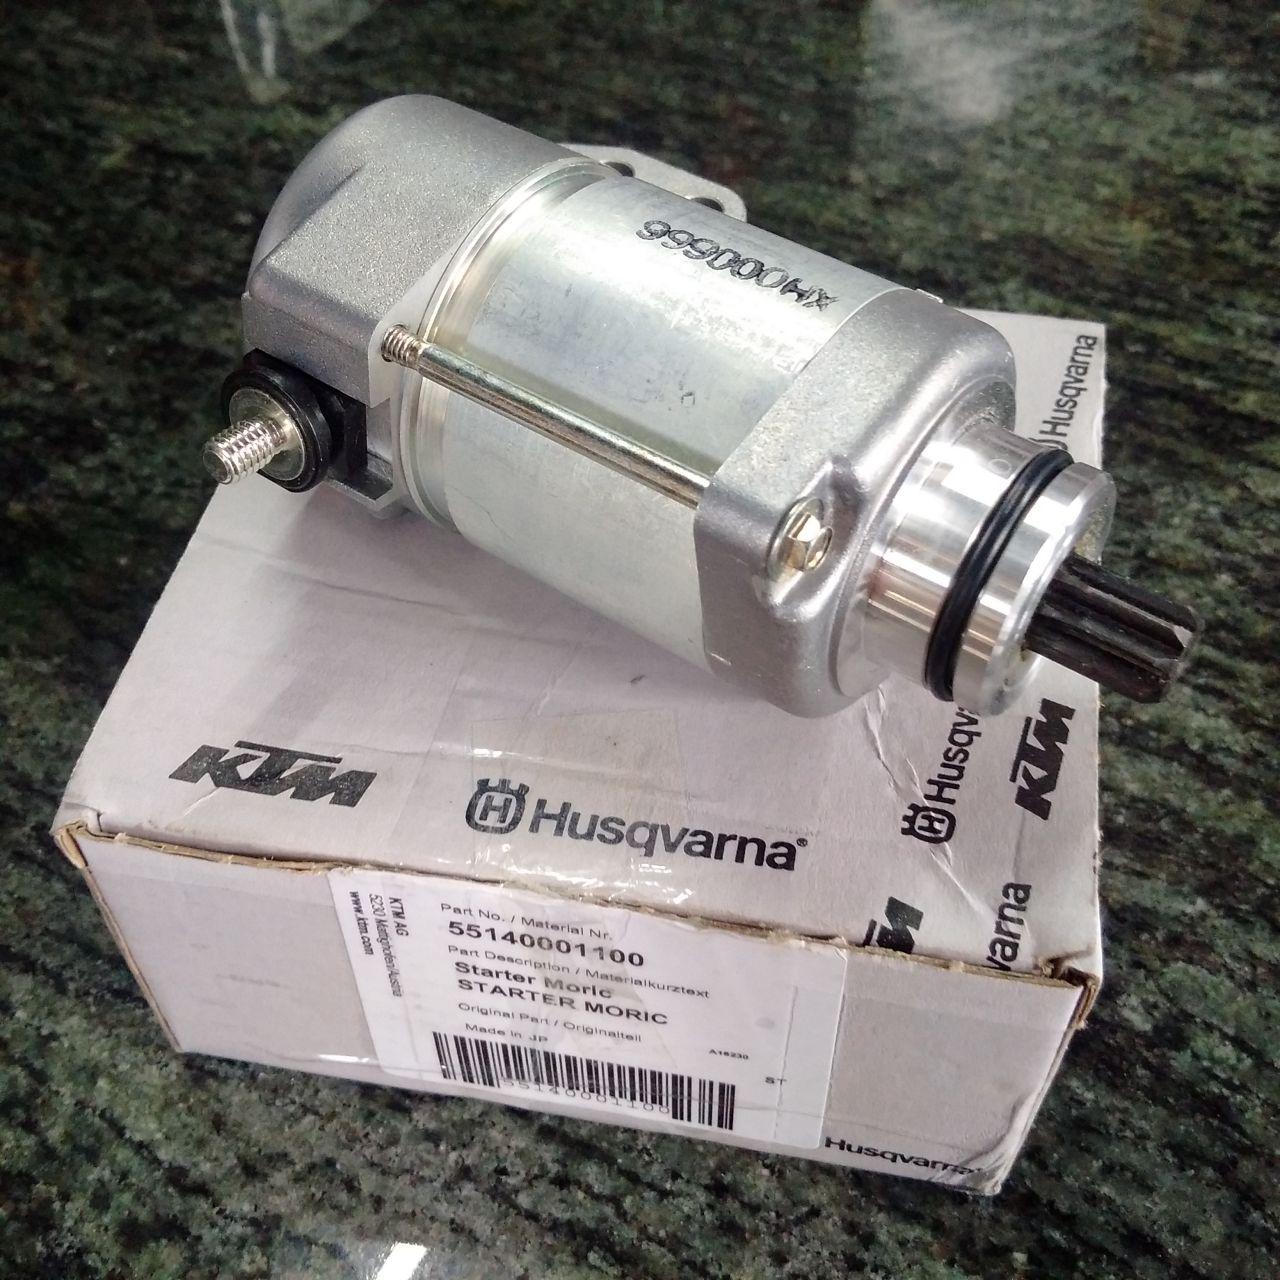 wpid wp 1480999628376 JualDinamo starter ktm 250 exc/ktm husq 300cc original parts Rp.5,500,000